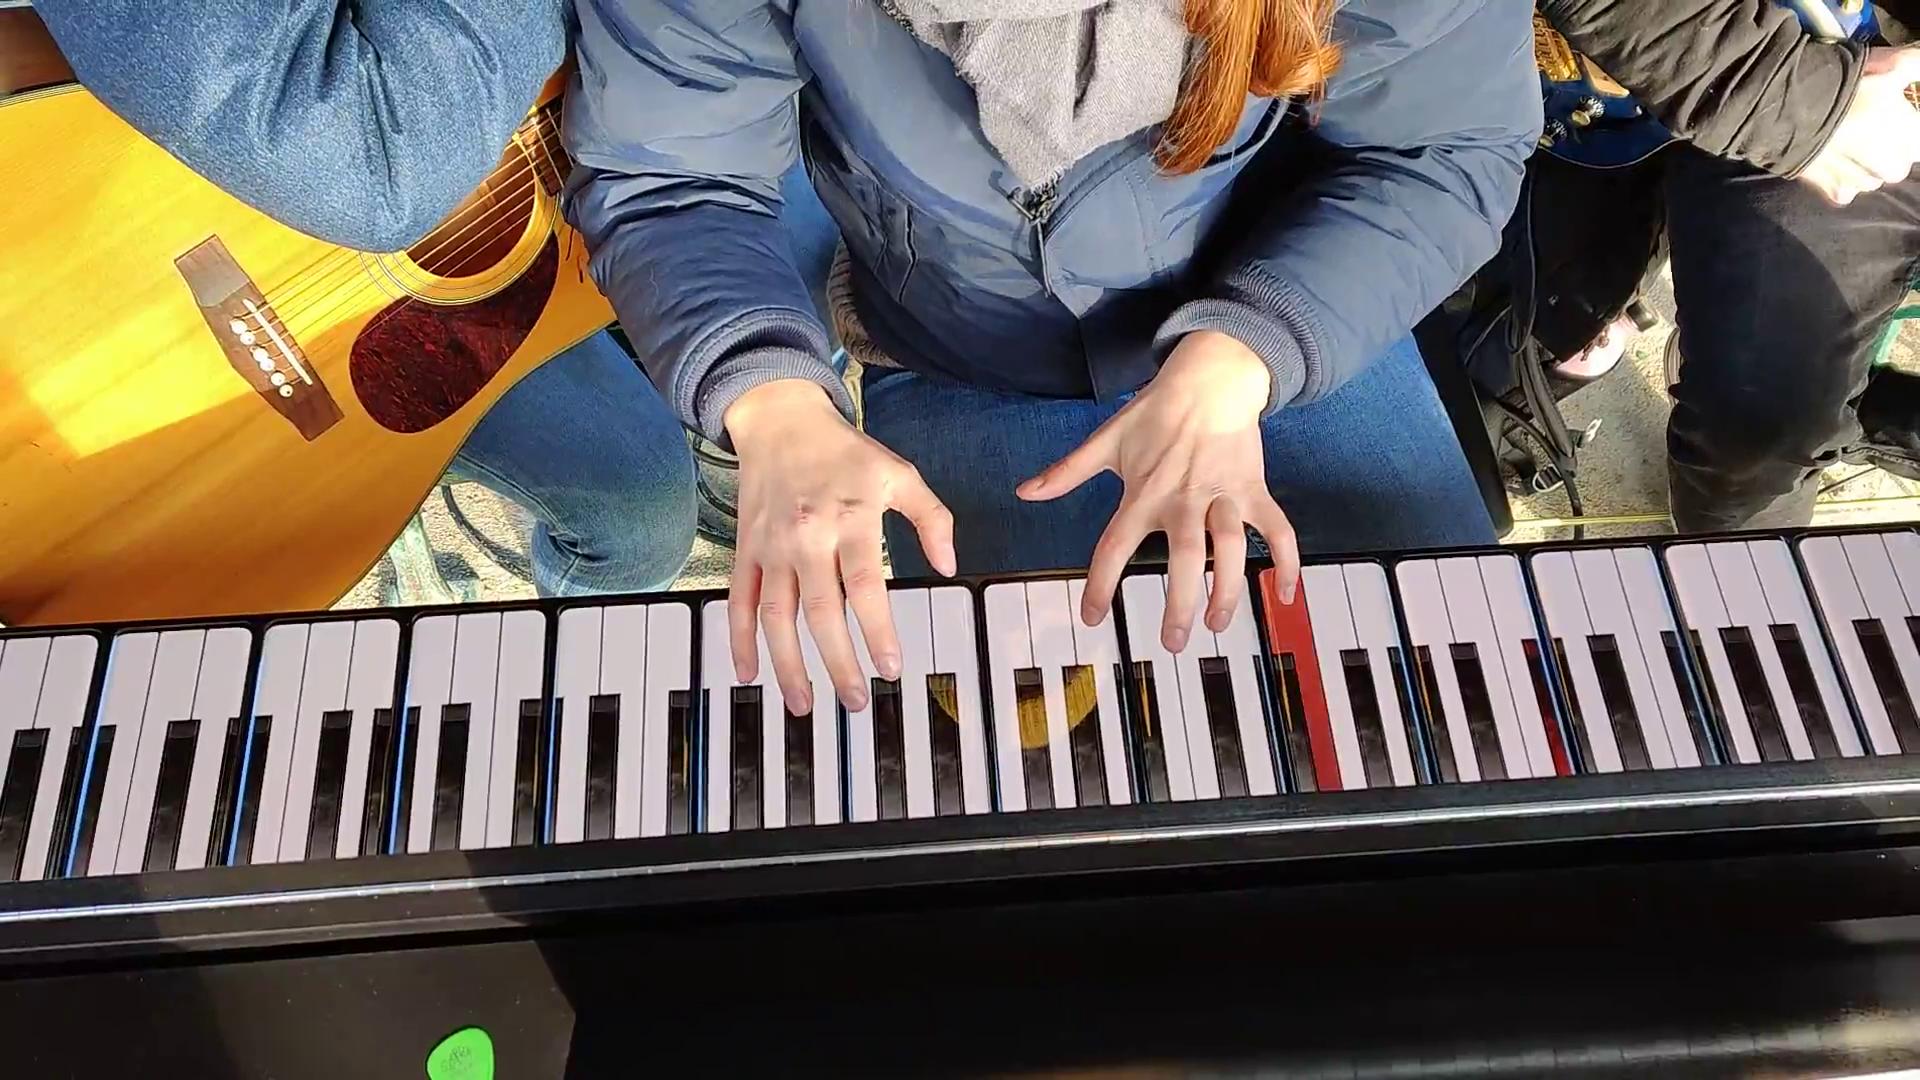 Lou Howard, pianiste, joue la sonnerie OnePlus sur le OnePlus Piano